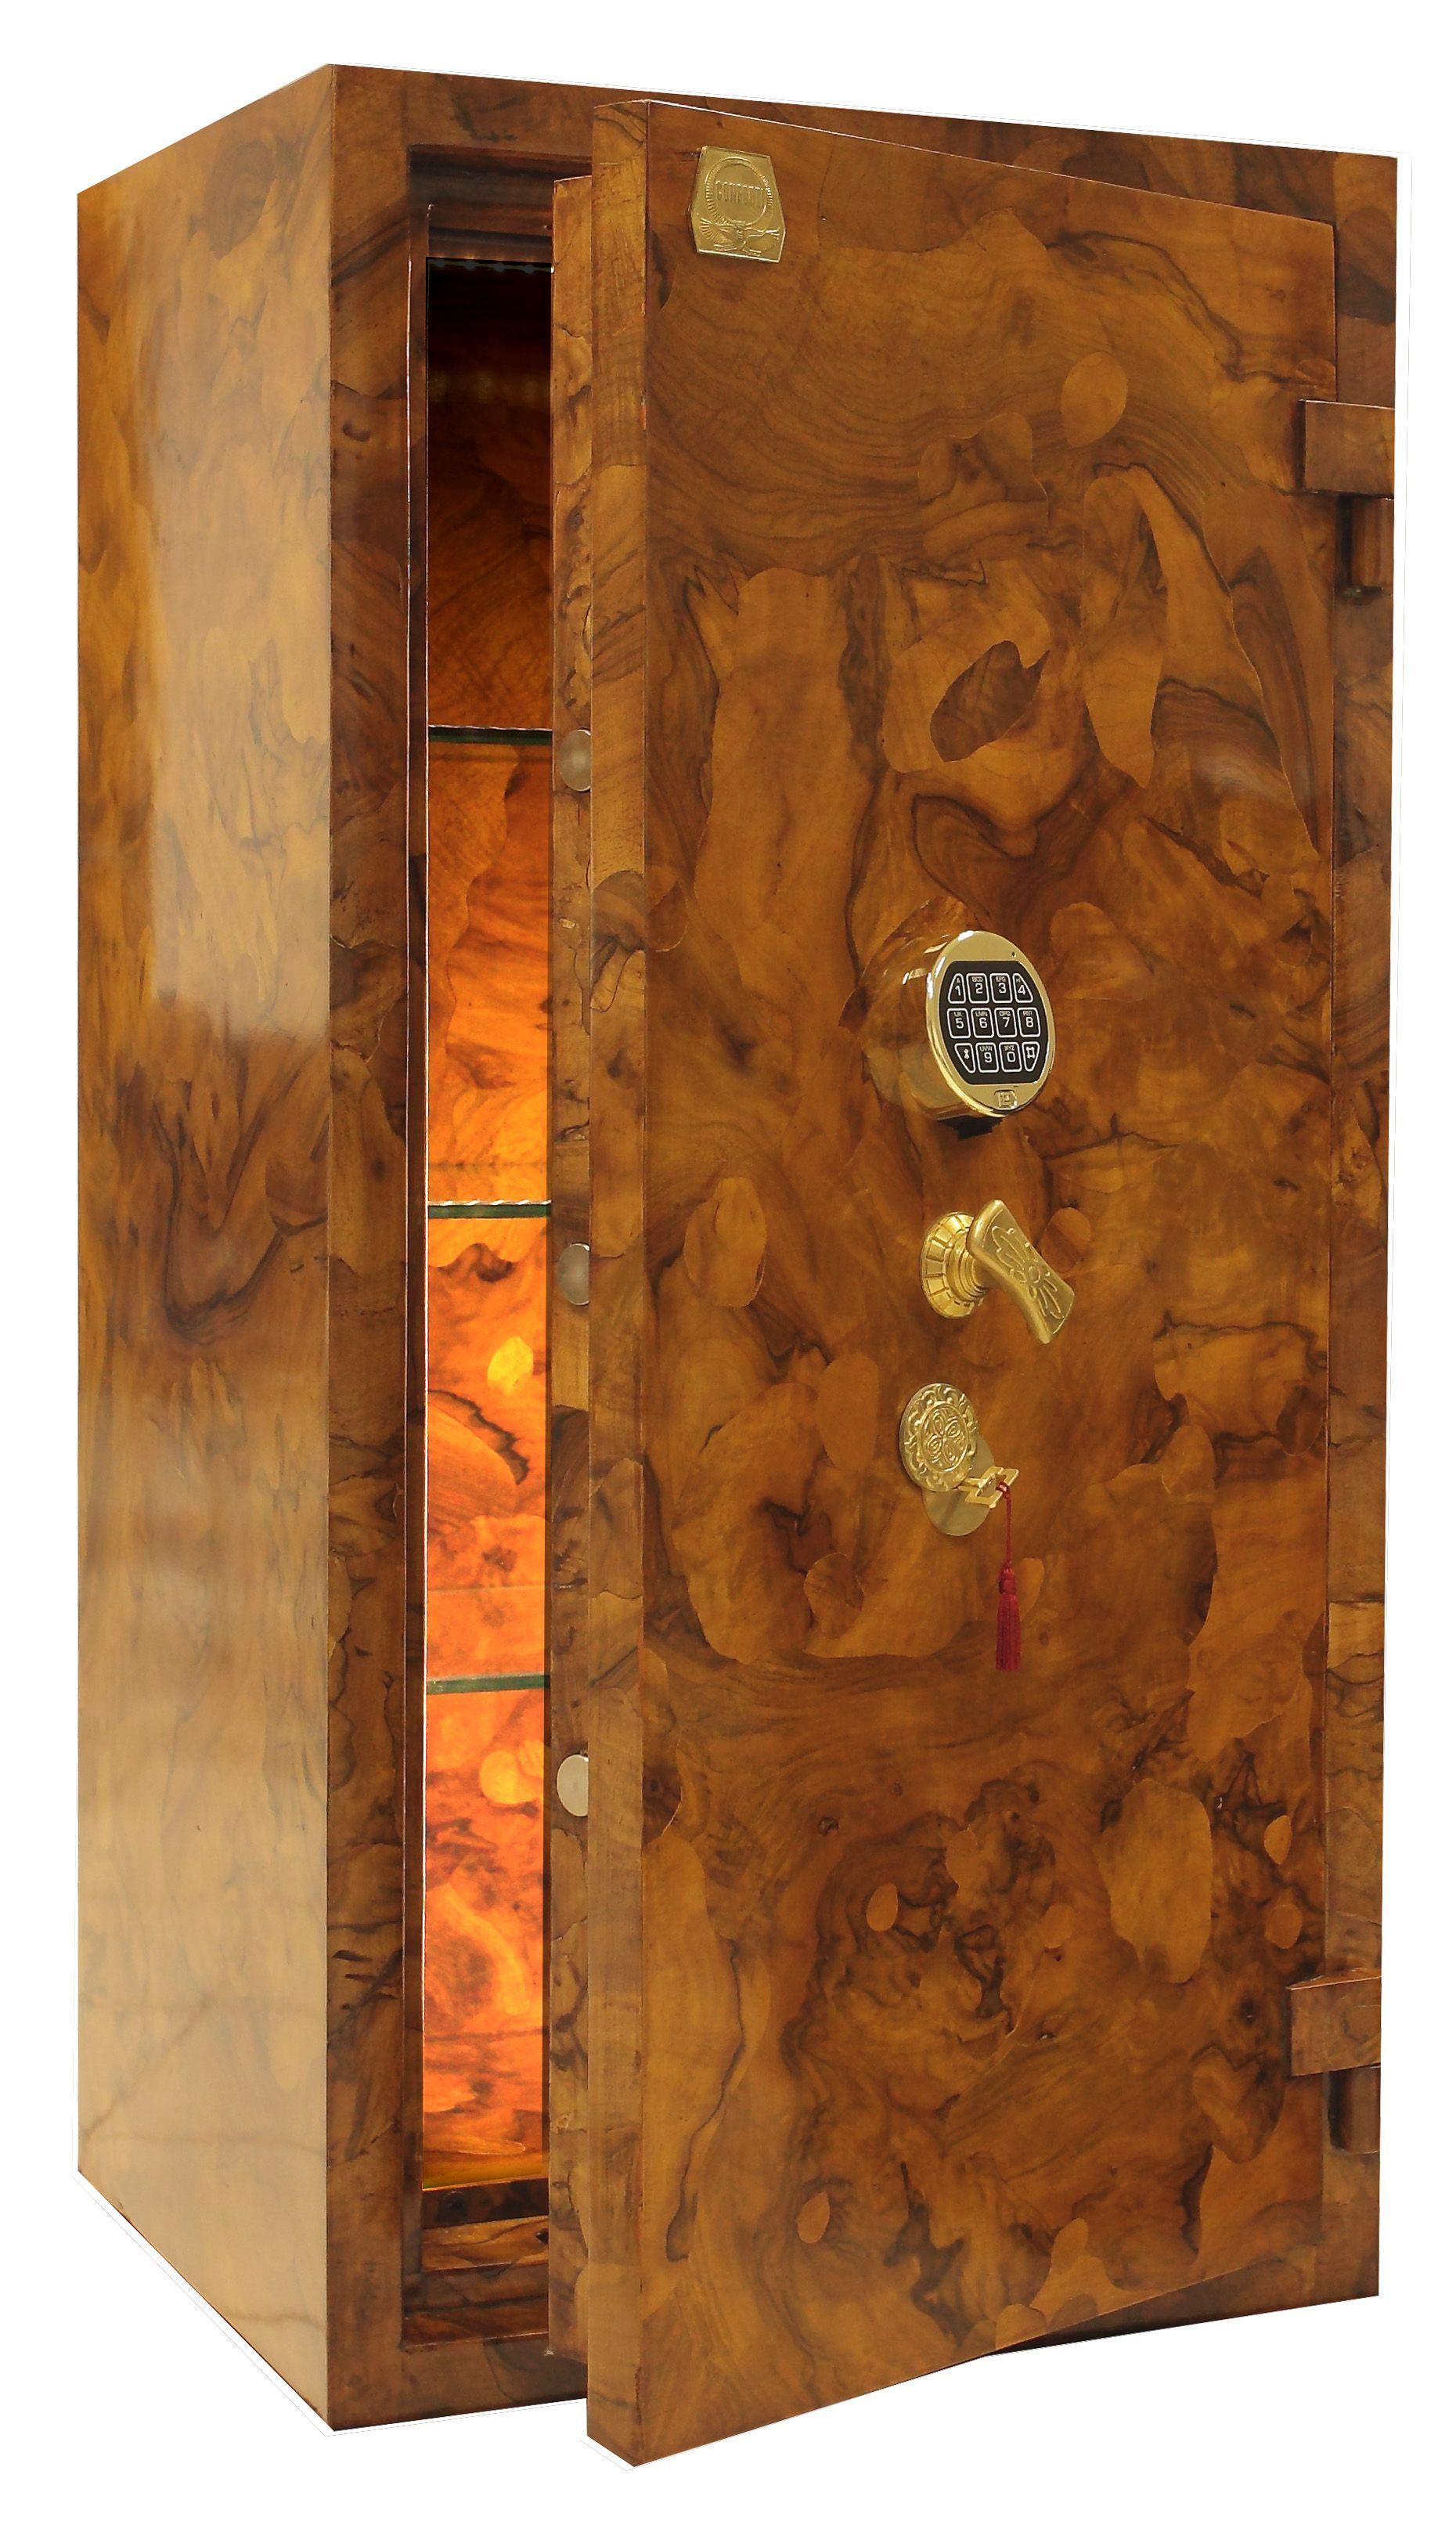 EXCLUSIVE SAFES Cassaforte in radica di noce ferrarese#luxury #safes ...